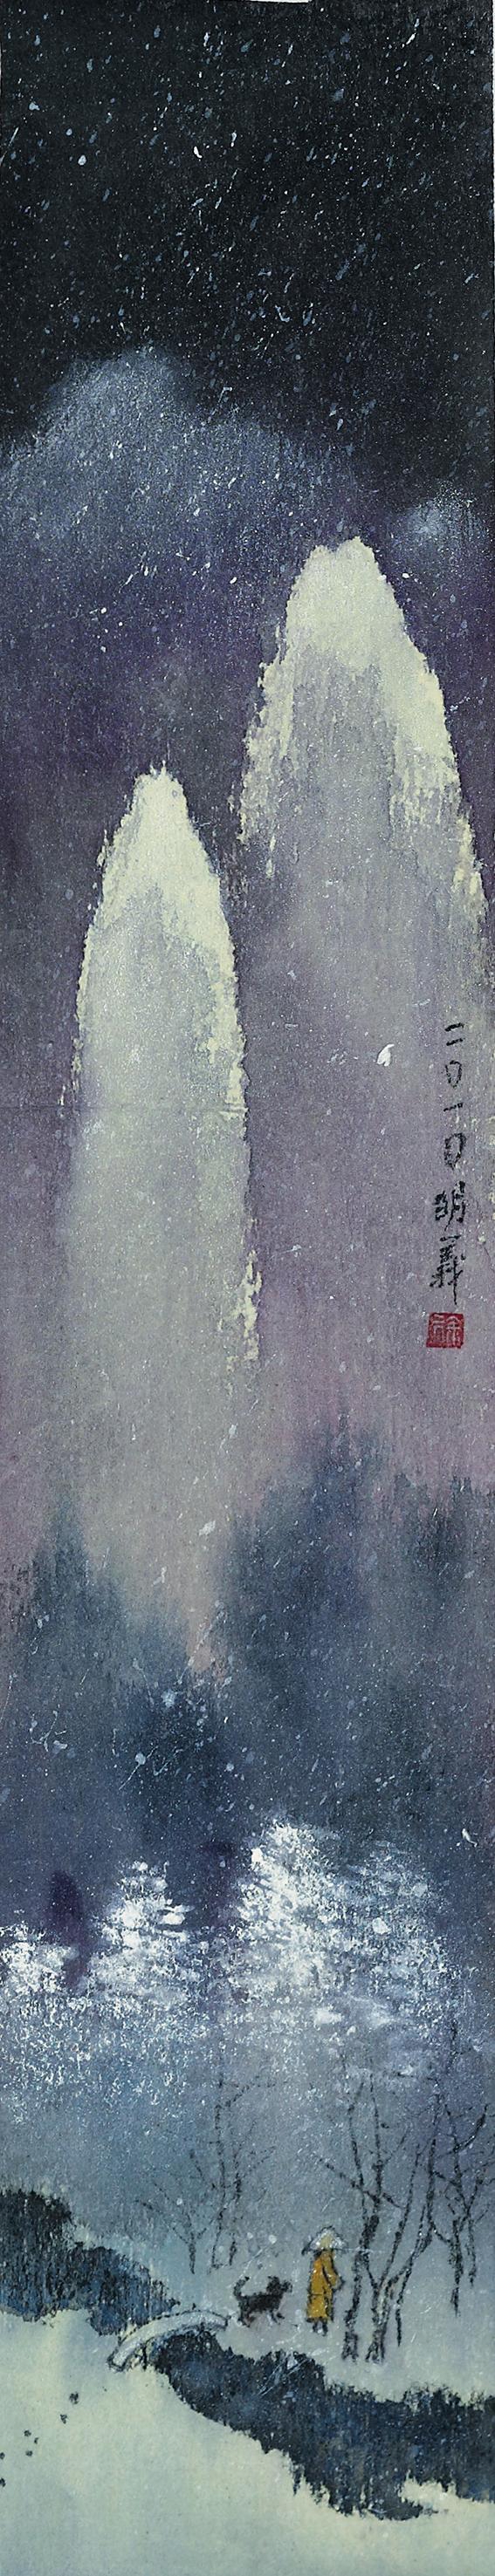 冬(不织布)11×58cm (图片来源:画家提供)